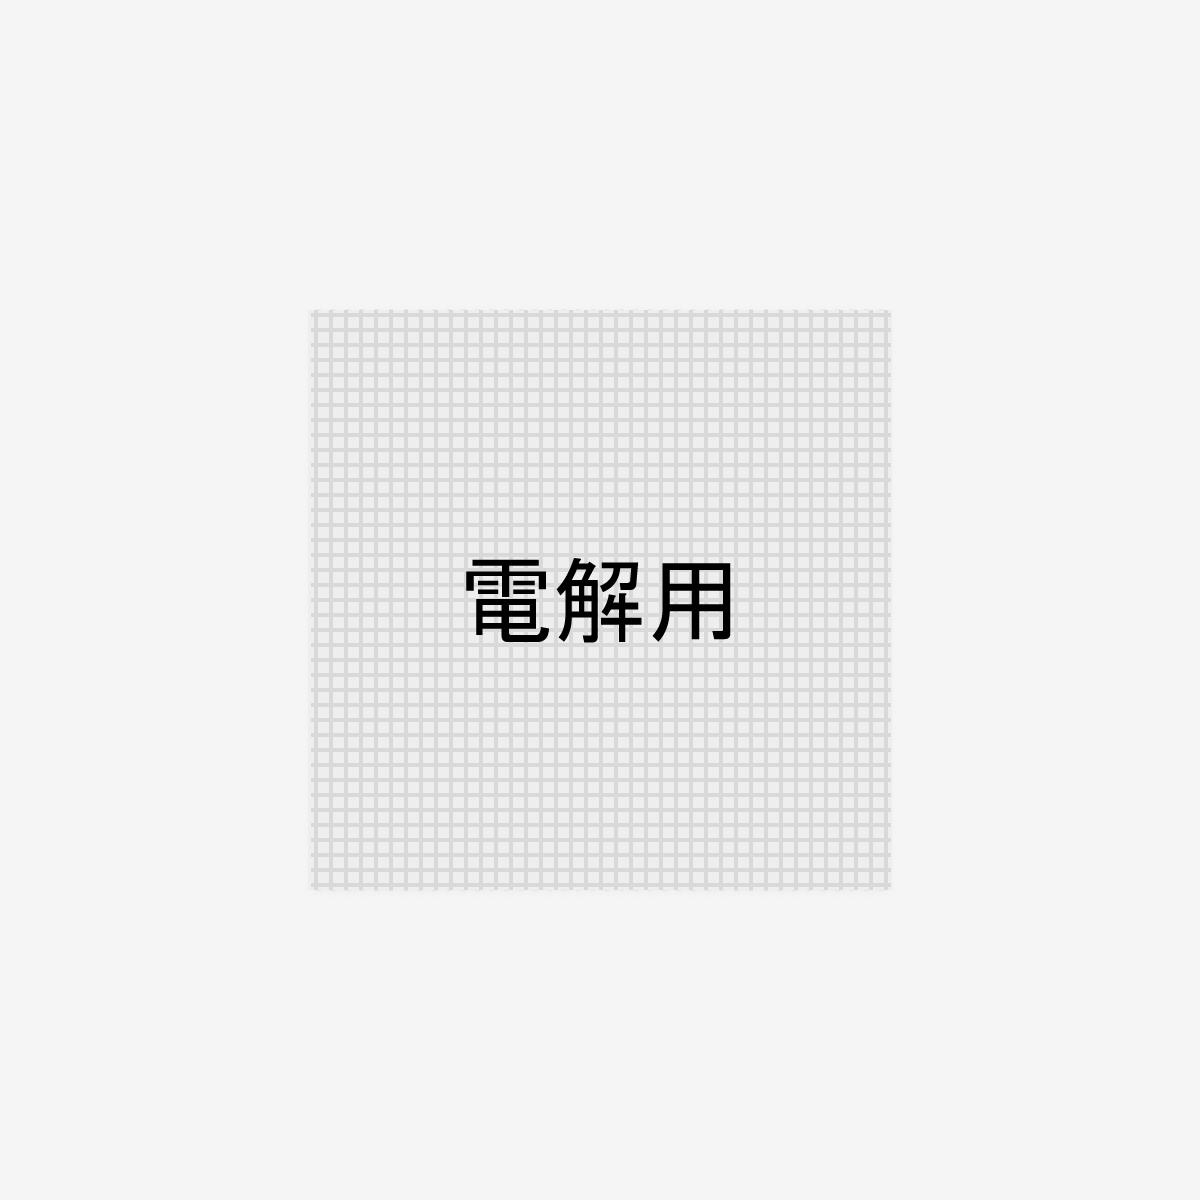 【製版】SURIMACCAインク金・銀・銅専用(70メッシュ:クリーナー有)